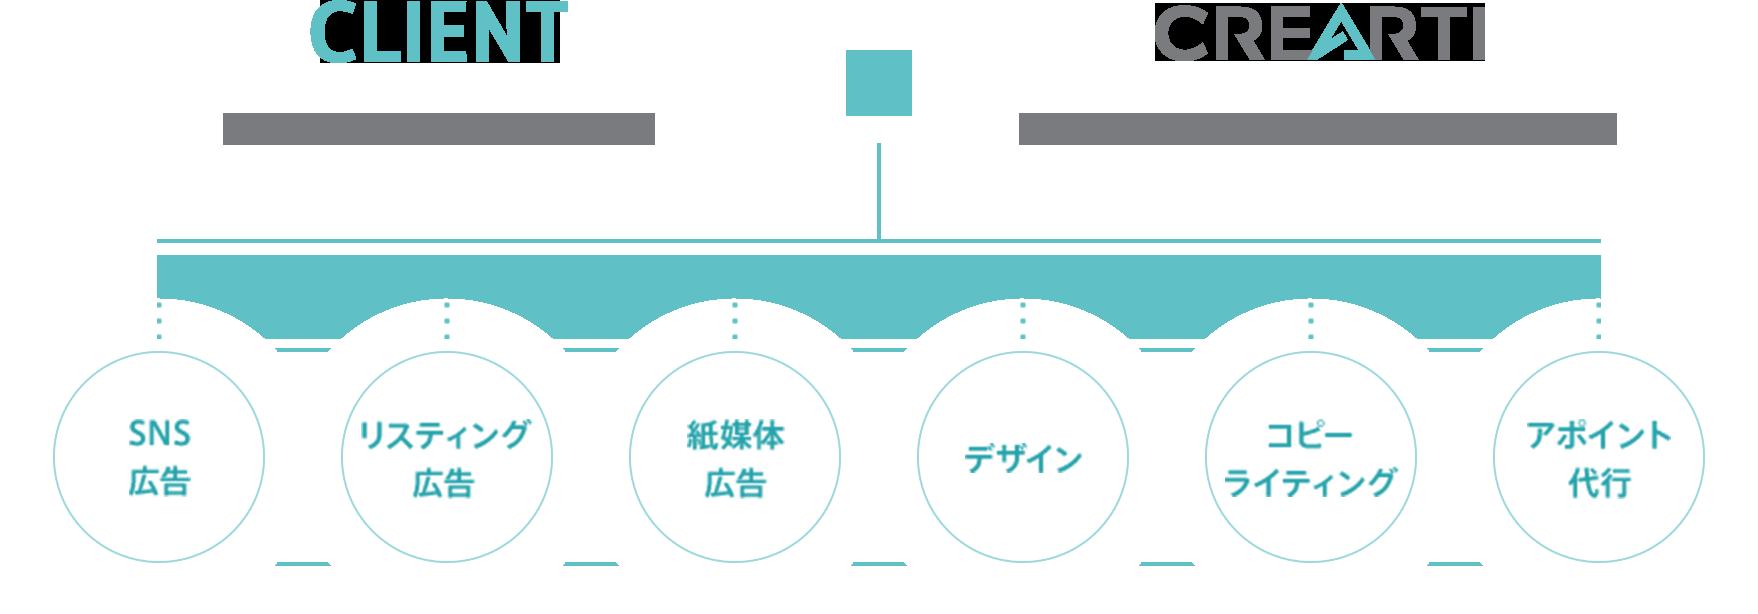 クレアルティの立ち位置の図